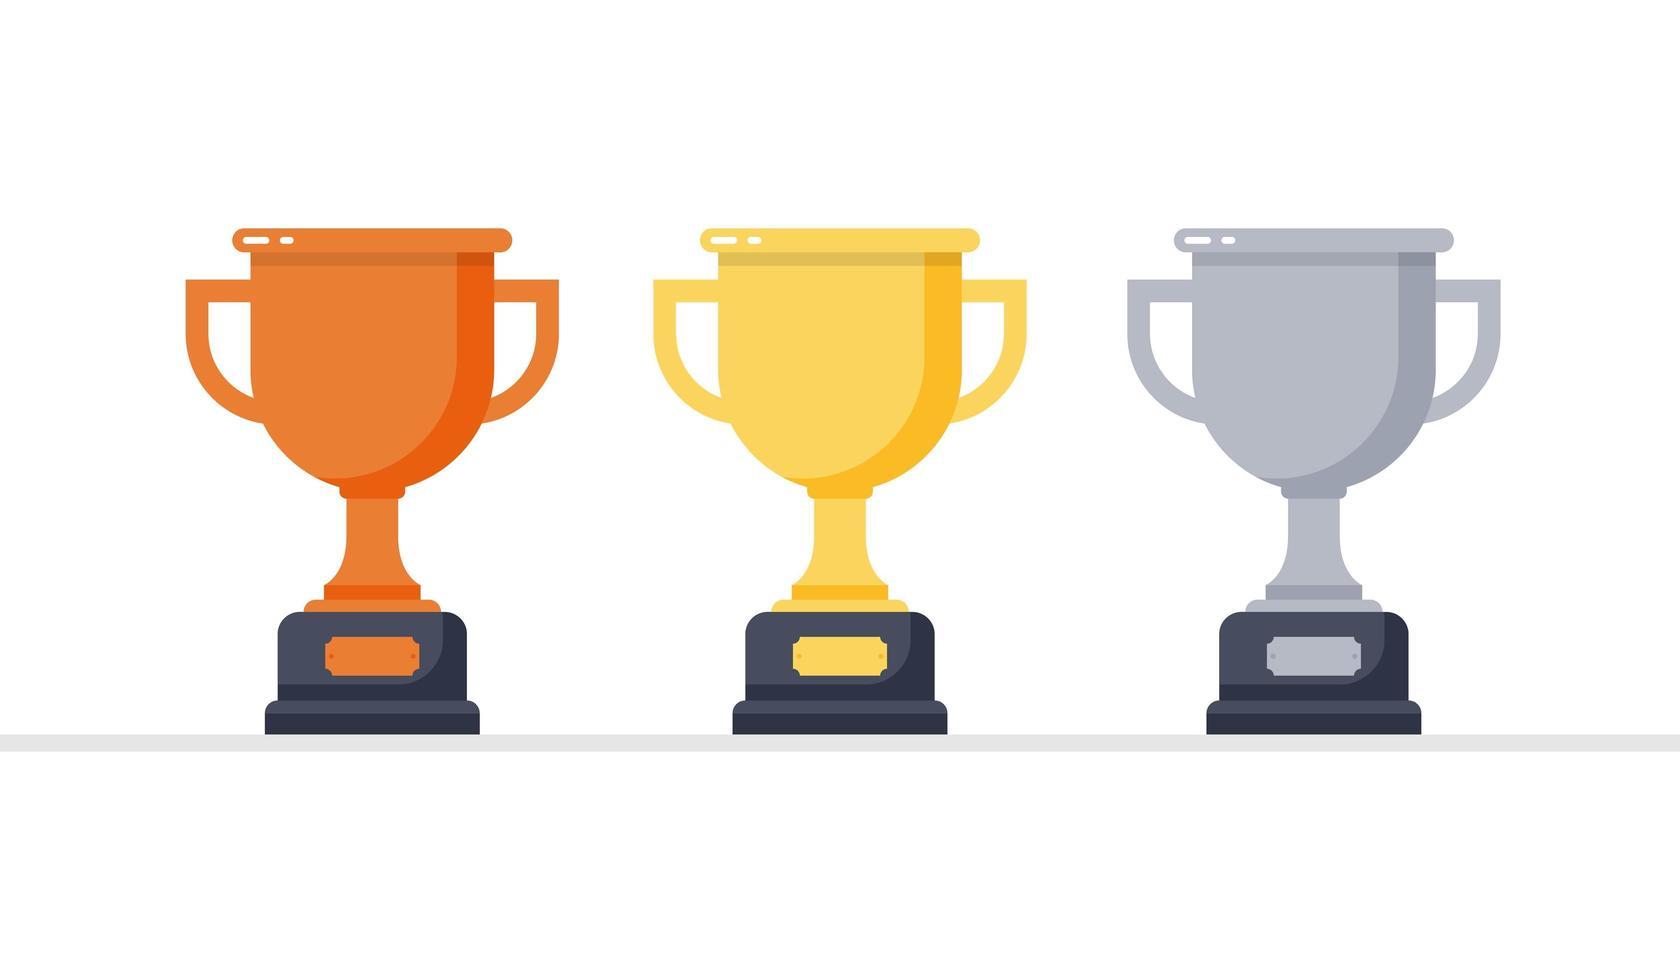 gouden, zilveren en bronzen trofeeën vector